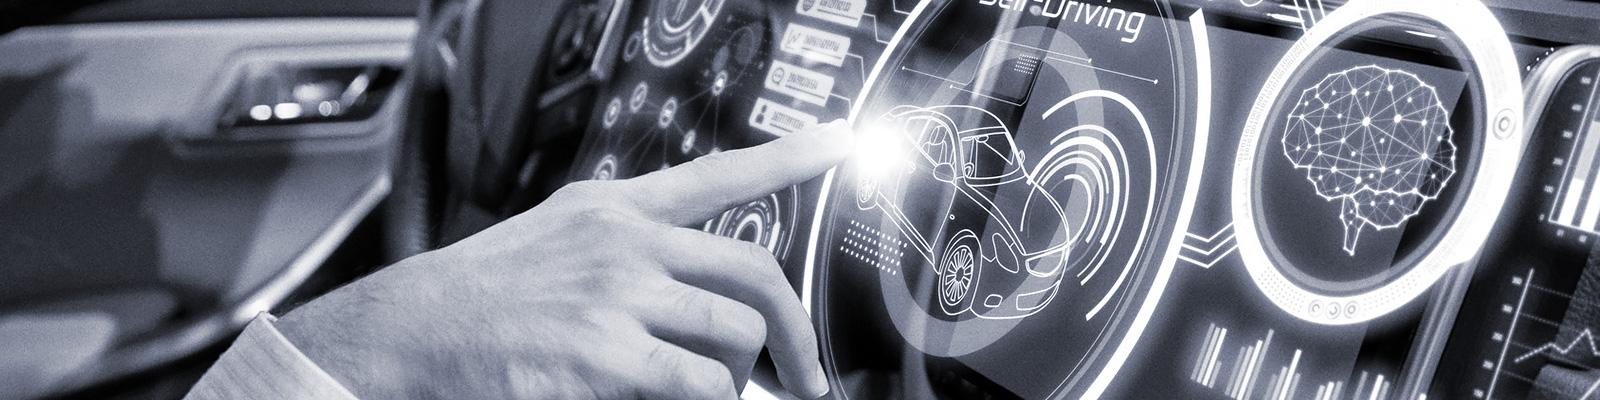 自動車 情報通信 セキュリティー イメージ